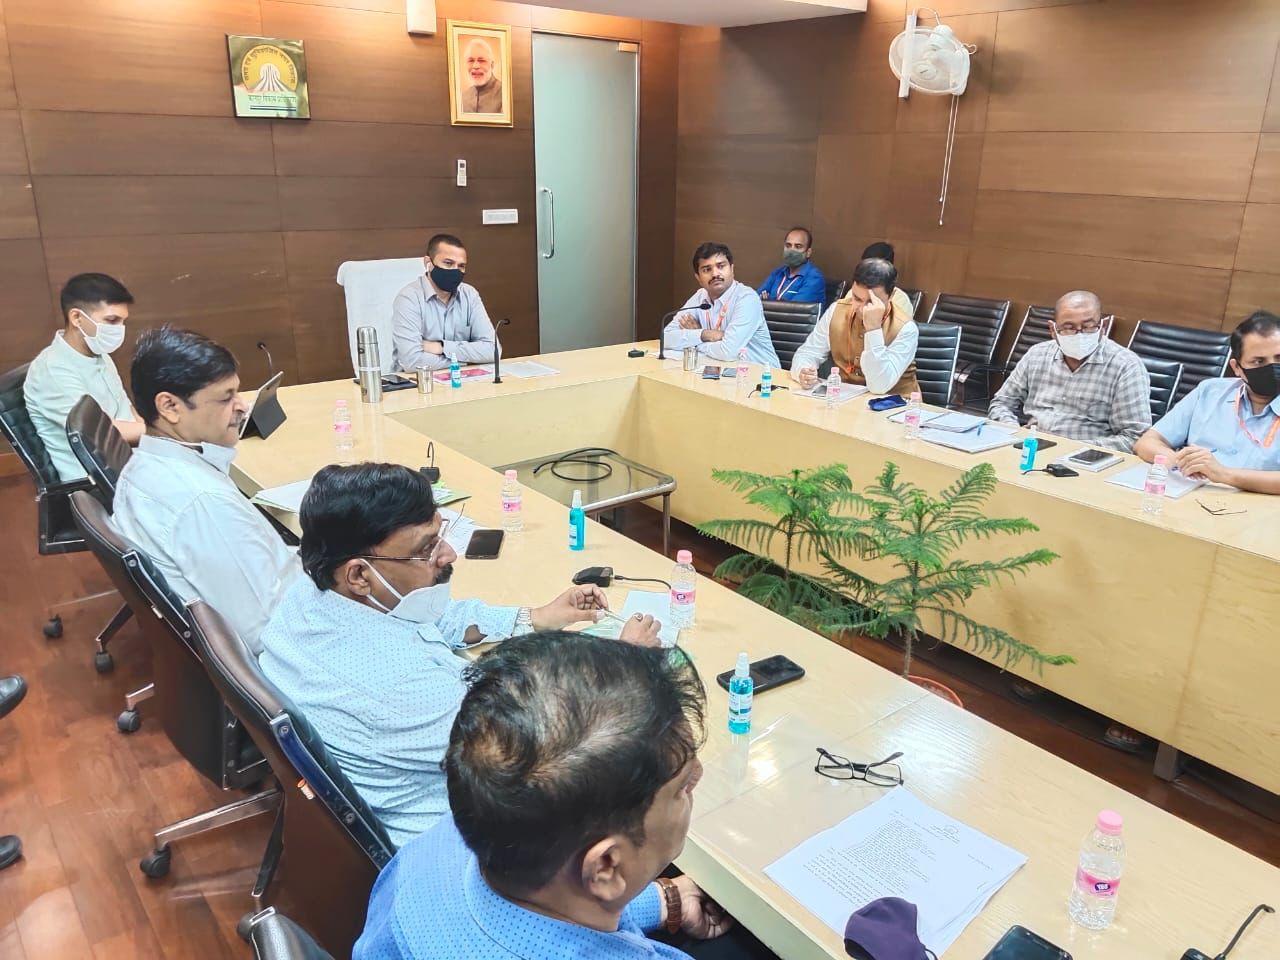 5 साल में जिस इंडस्ट्री के लिए ज्यादा रॉ मैटेरियल आया, उस आधार पर बनेगा प्लान; आईआईटी कानपुर भी प्रोजेक्ट में करेगा मदद कानपुर,Kanpur - Dainik Bhaskar